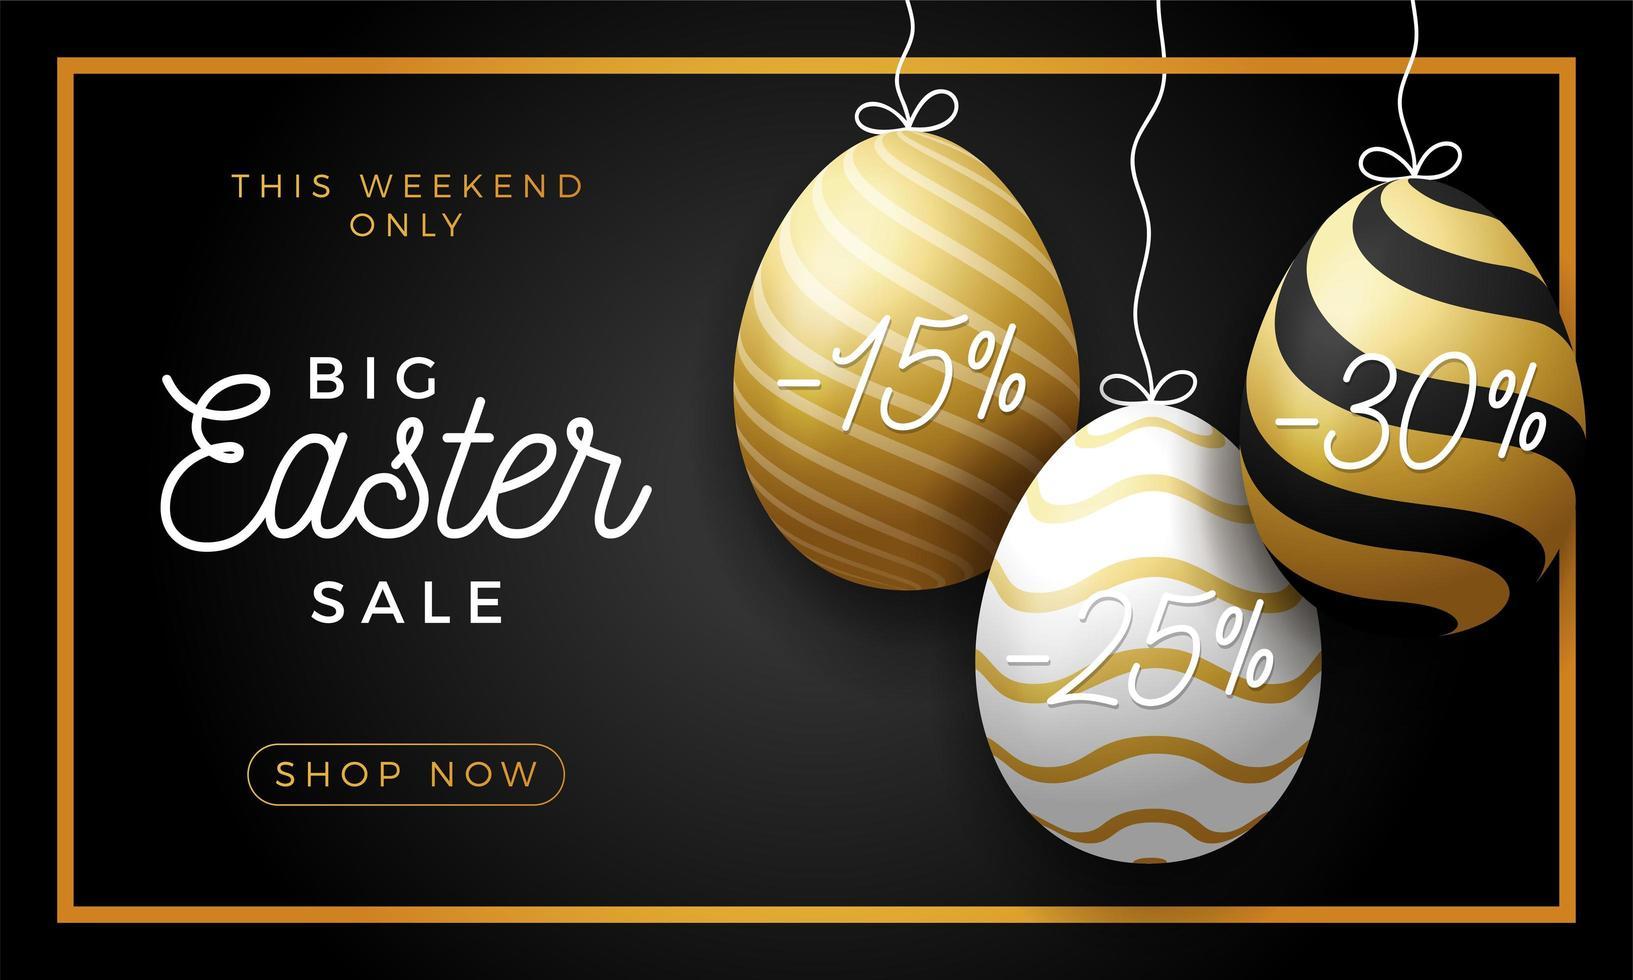 Luxus Osterei Verkauf horizontale Banner. goldene Osterrahmenkarte mit realistischen Eiern, die an einem Faden hängen, Gold verzierte Eier auf schwarzem modernem Hintergrund. Vektorillustration vektor